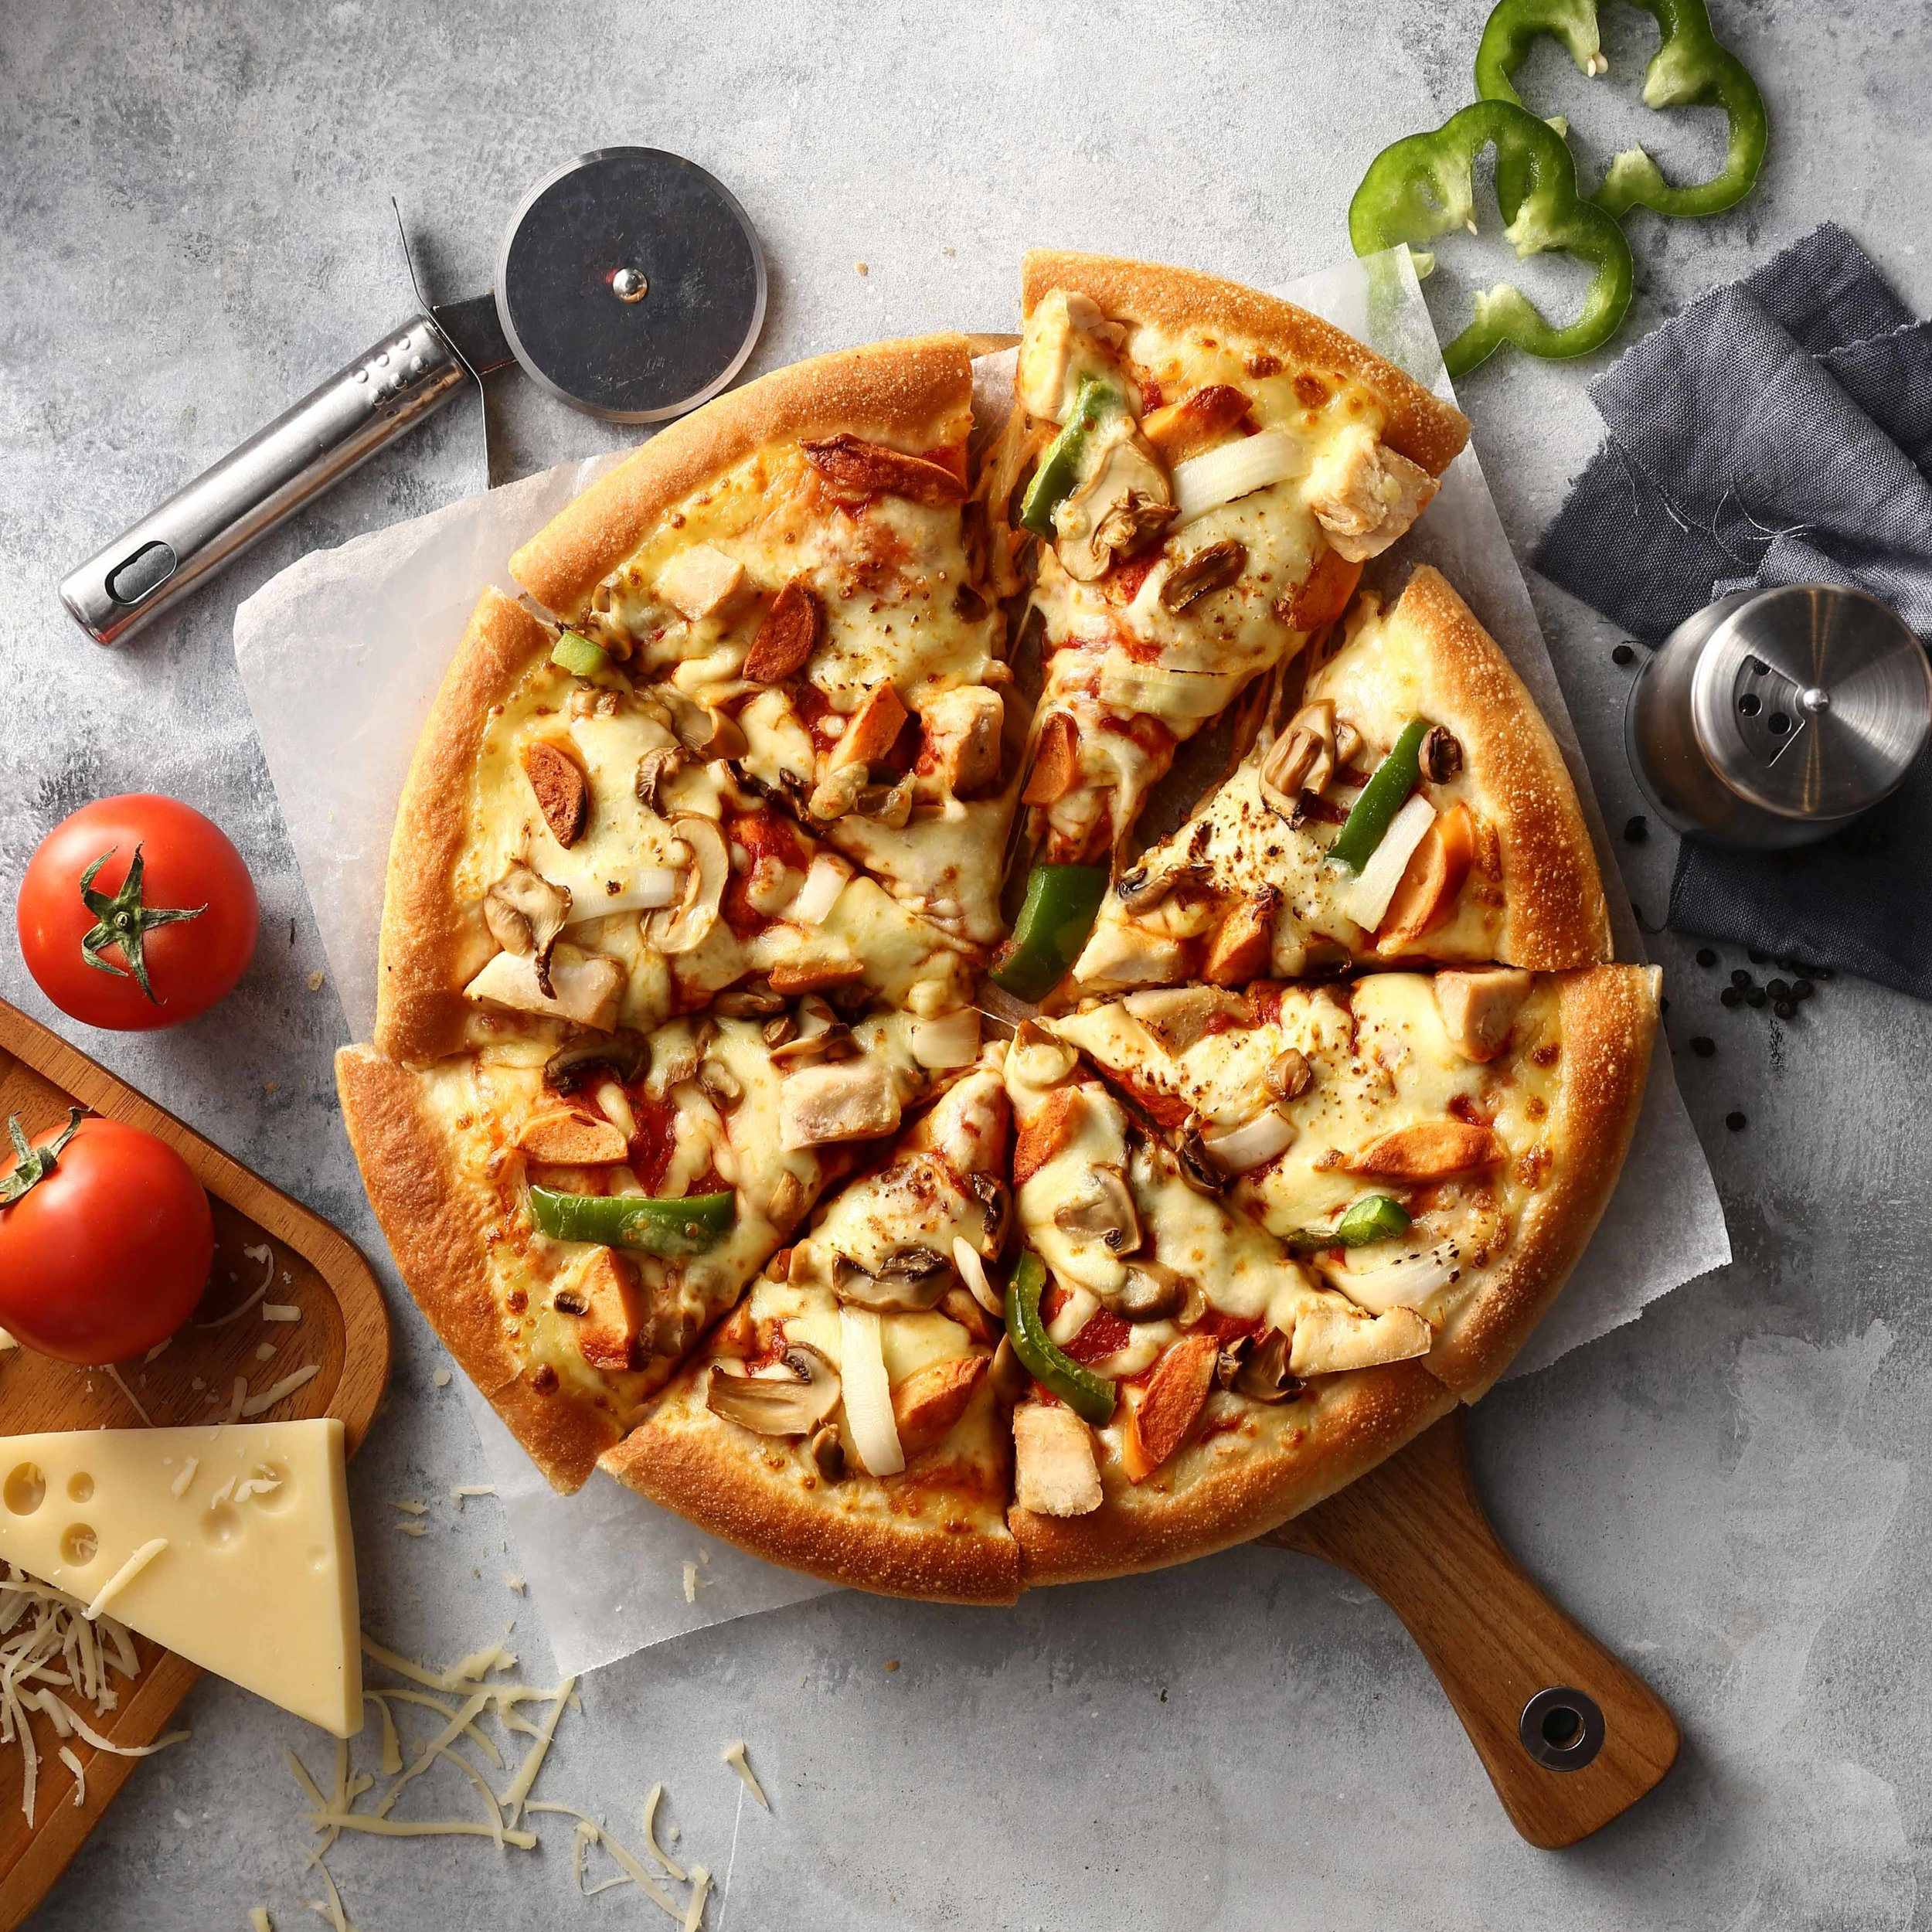 Đây là ảnh buổi đầu Pitching cho Pizza Hut Vietnam nè!